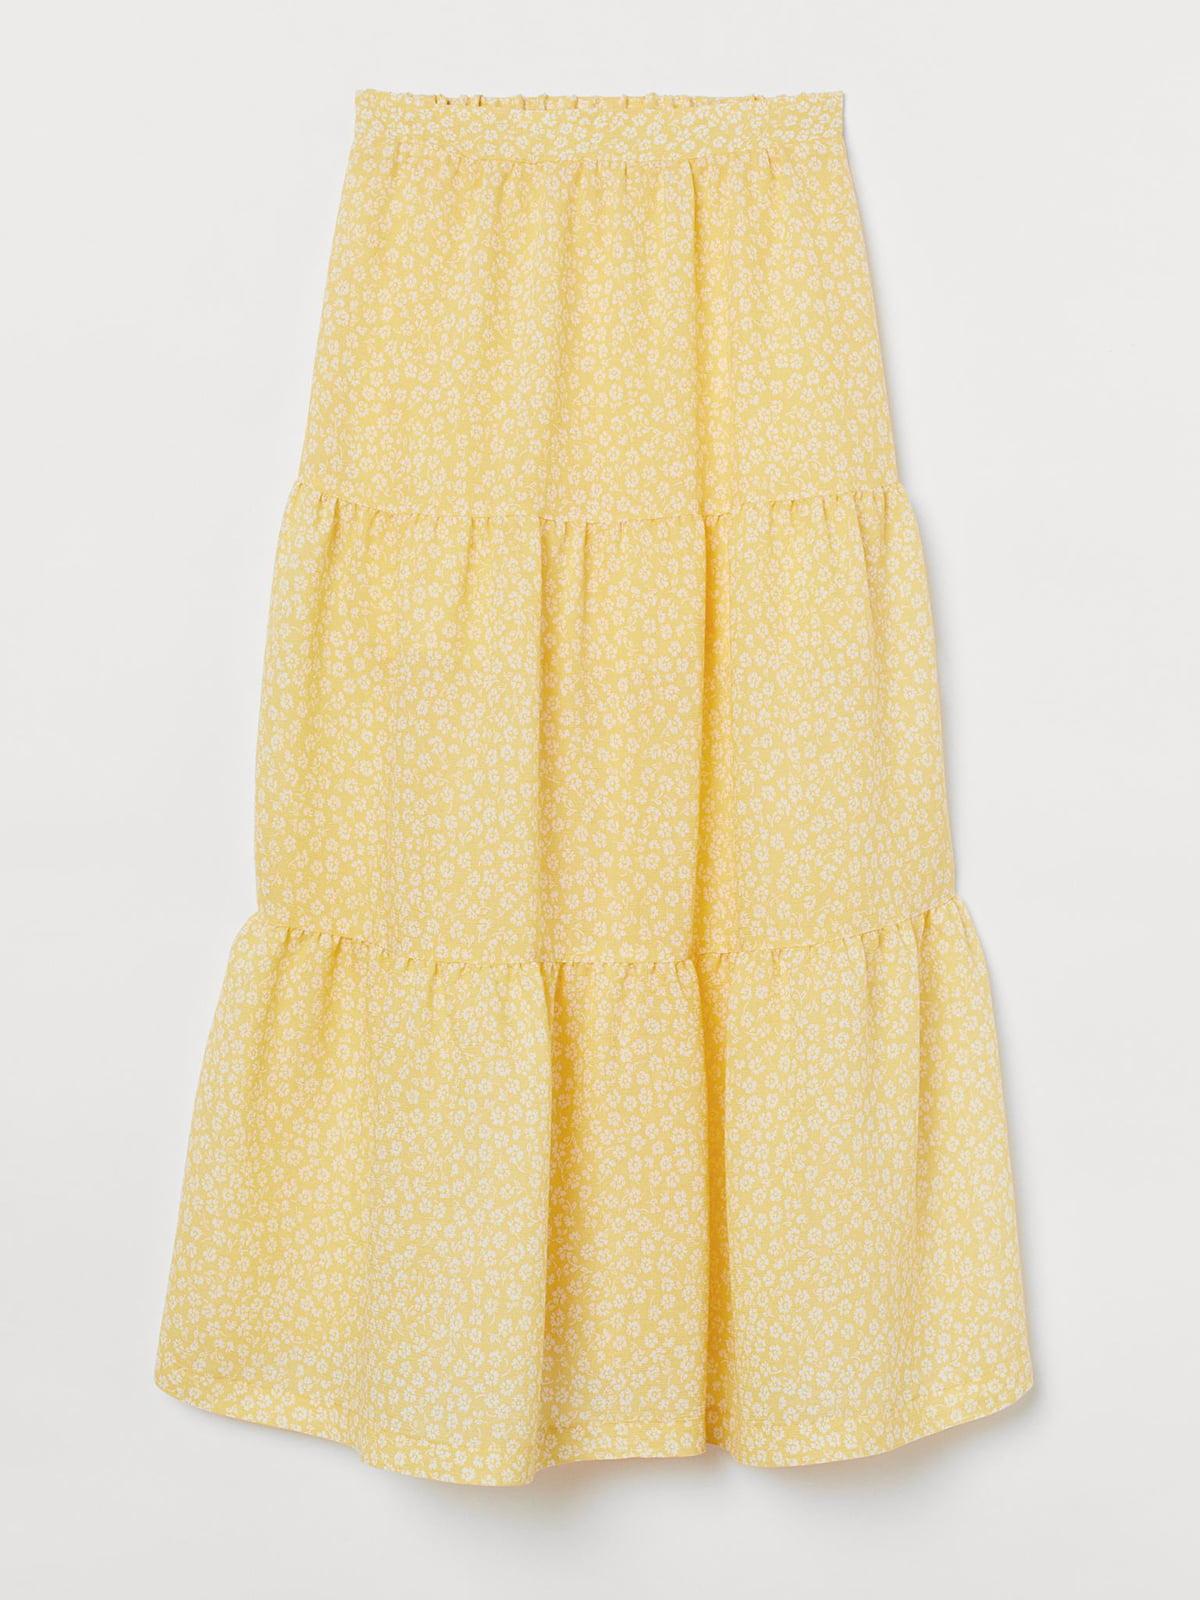 Юбка желтая с цветочным принтом | 5702759